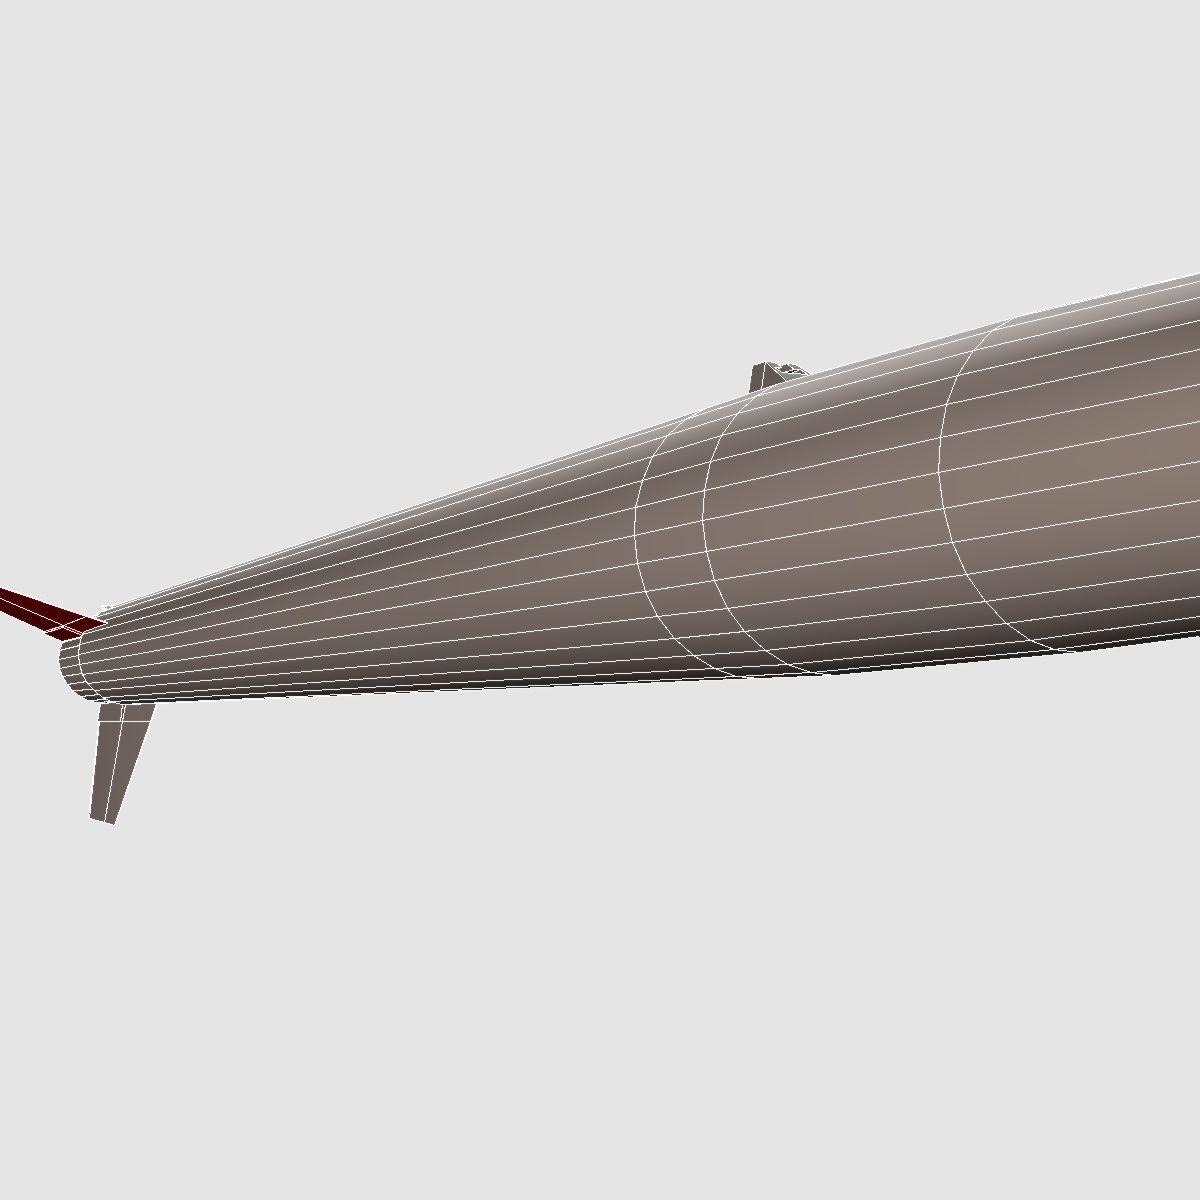 qara brant vb raketin səsləndirilməsi 3d model 3ds dxf cob x obj 150882